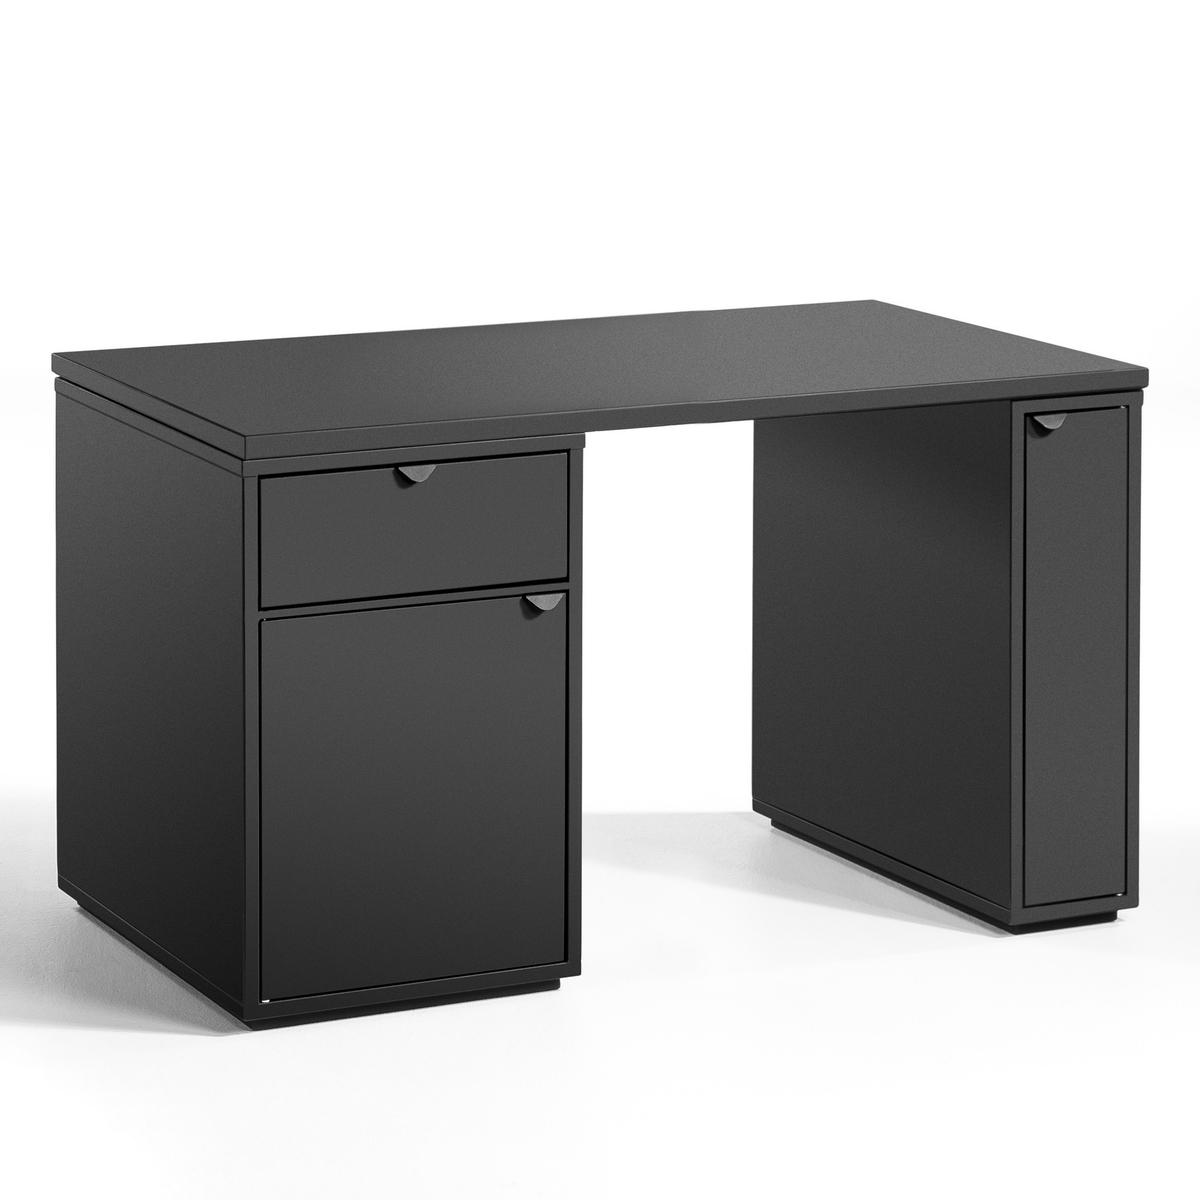 Столешница для письменного стола из металла Angus, размер 1